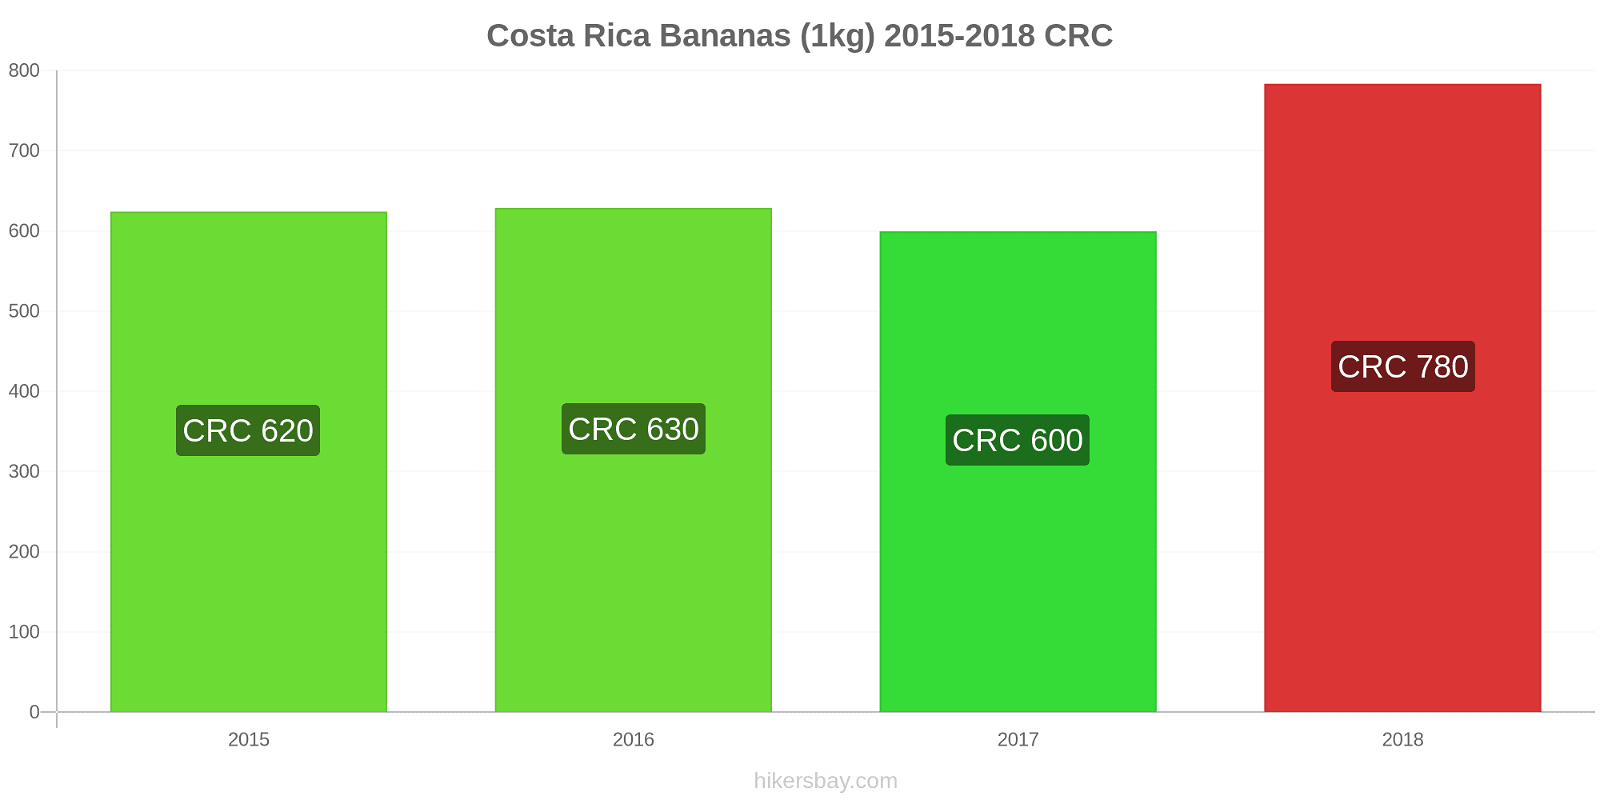 Costa Rica price changes Bananas (1kg) hikersbay.com